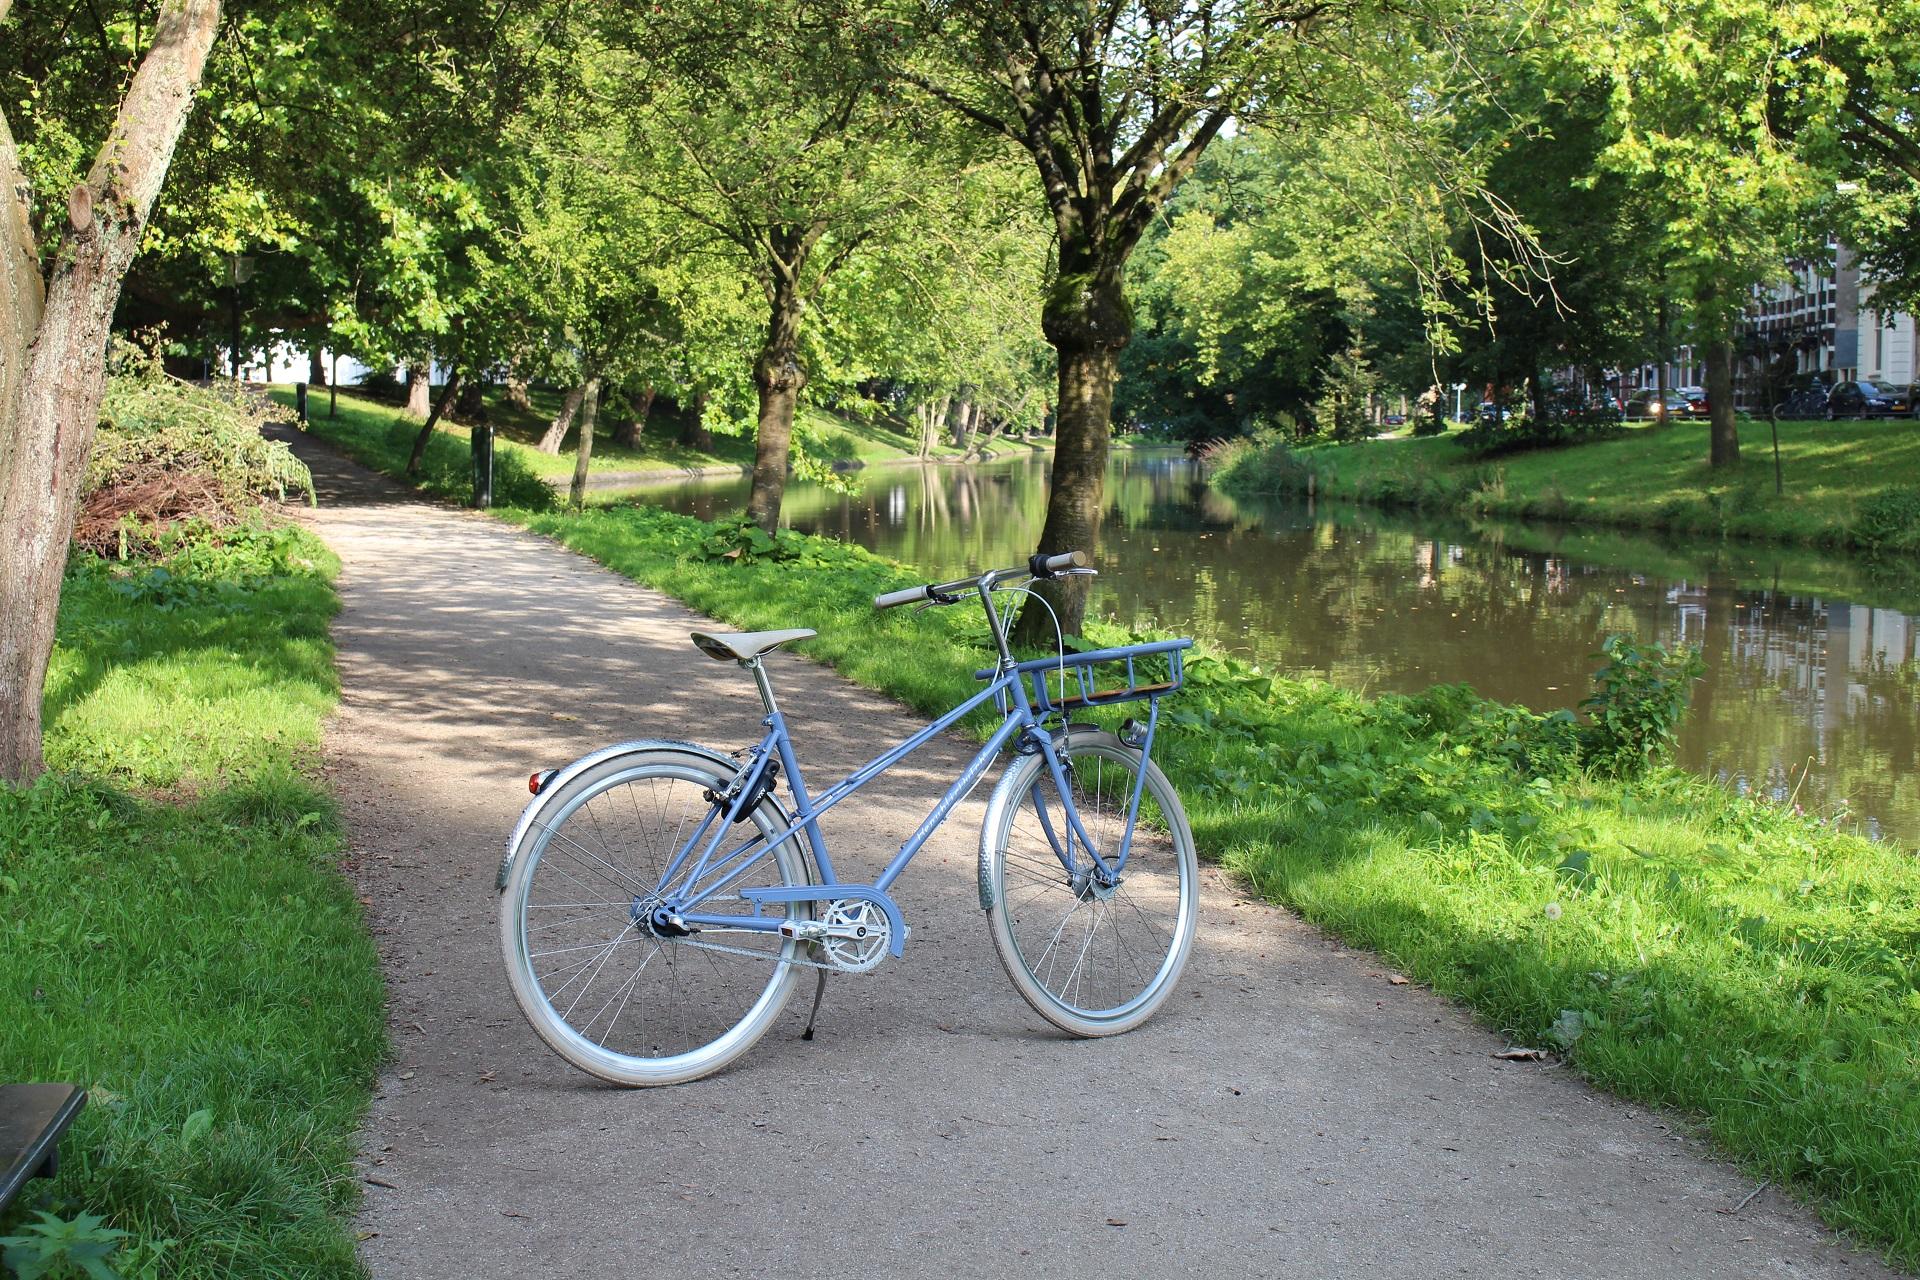 Kwaliteitsfiets | Retro stijl | Dames fiets | Met de hand gemaakt | Utrecht